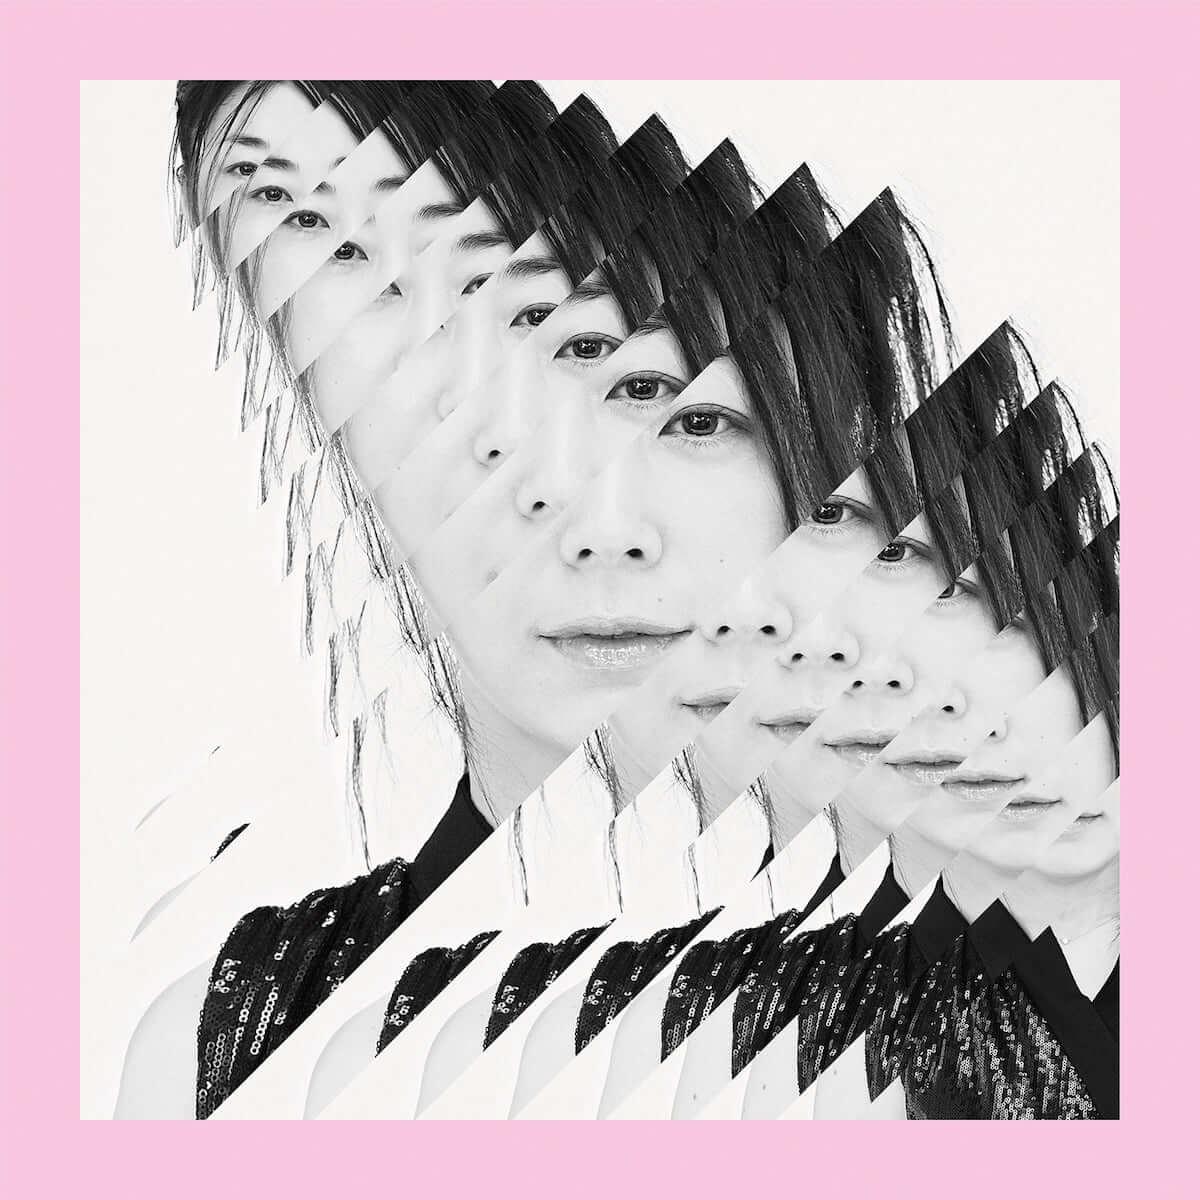 冨田恵一プロデュース!デビュー20周年を飾るbirdのニューアルバム『波形』リリースライブ決定|アルバムジャケットも初公開 music190213-bird-2-1200x1200